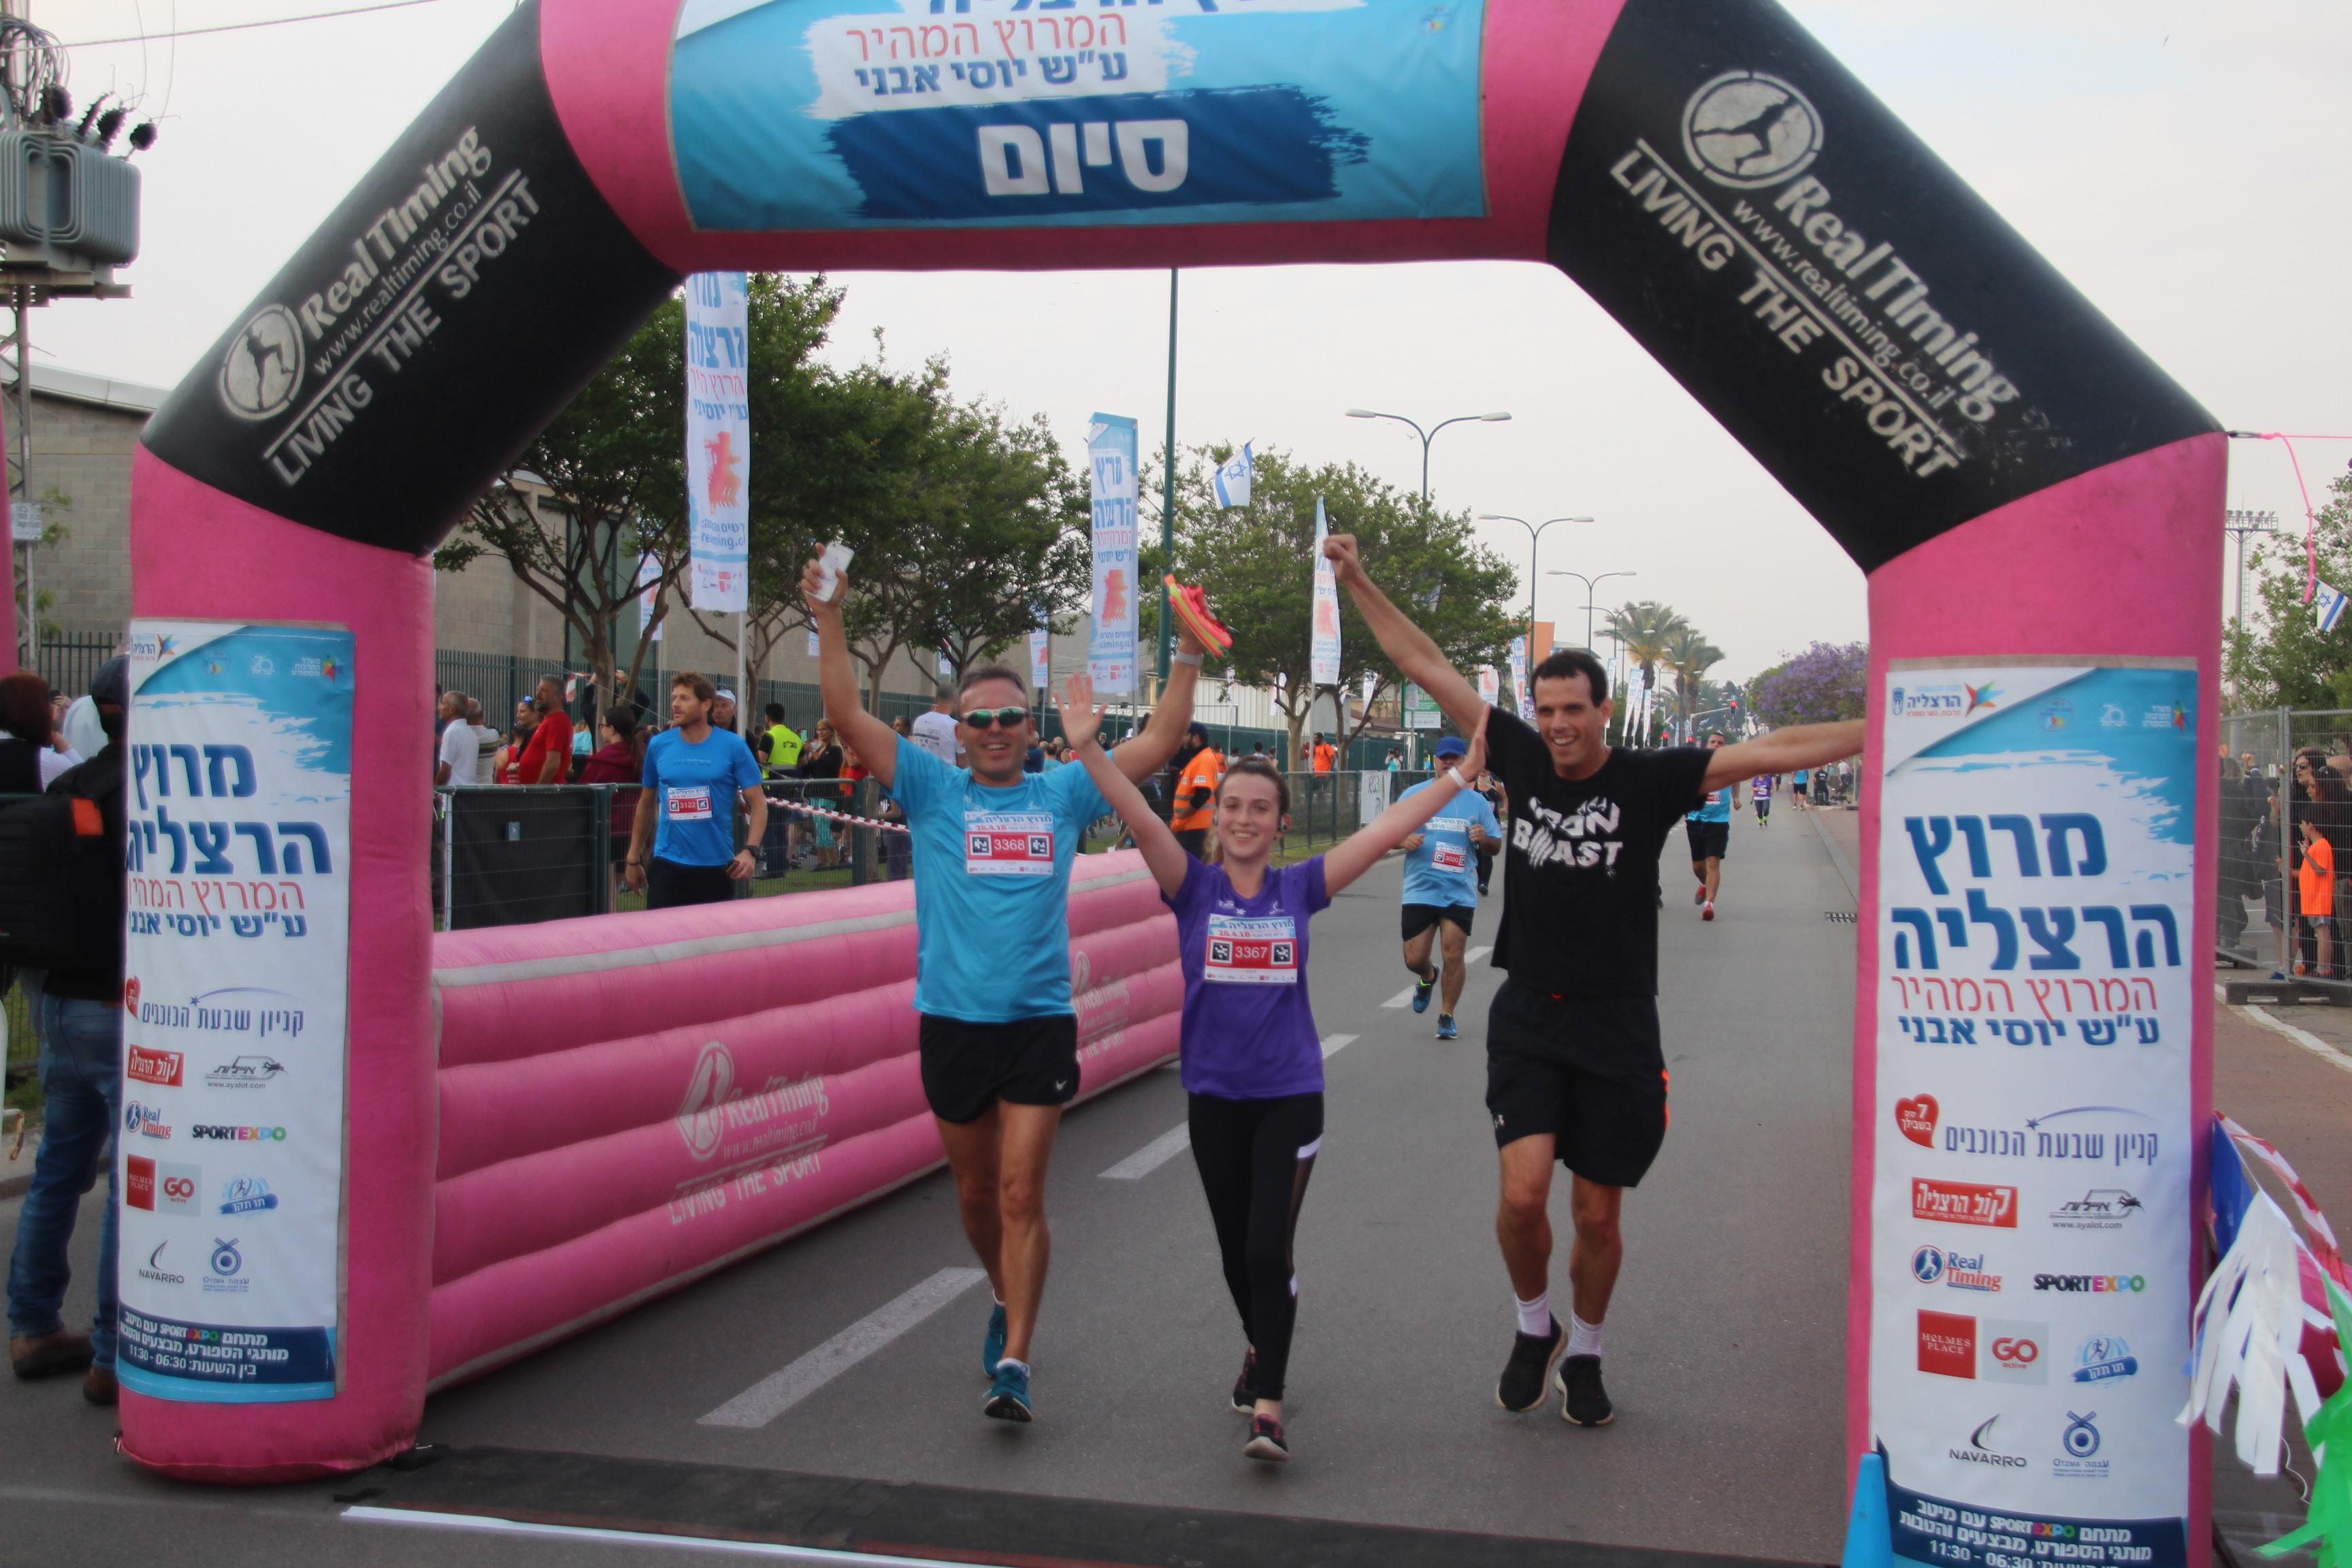 תקנון המשתתפים במרוץ הרצליה 2019